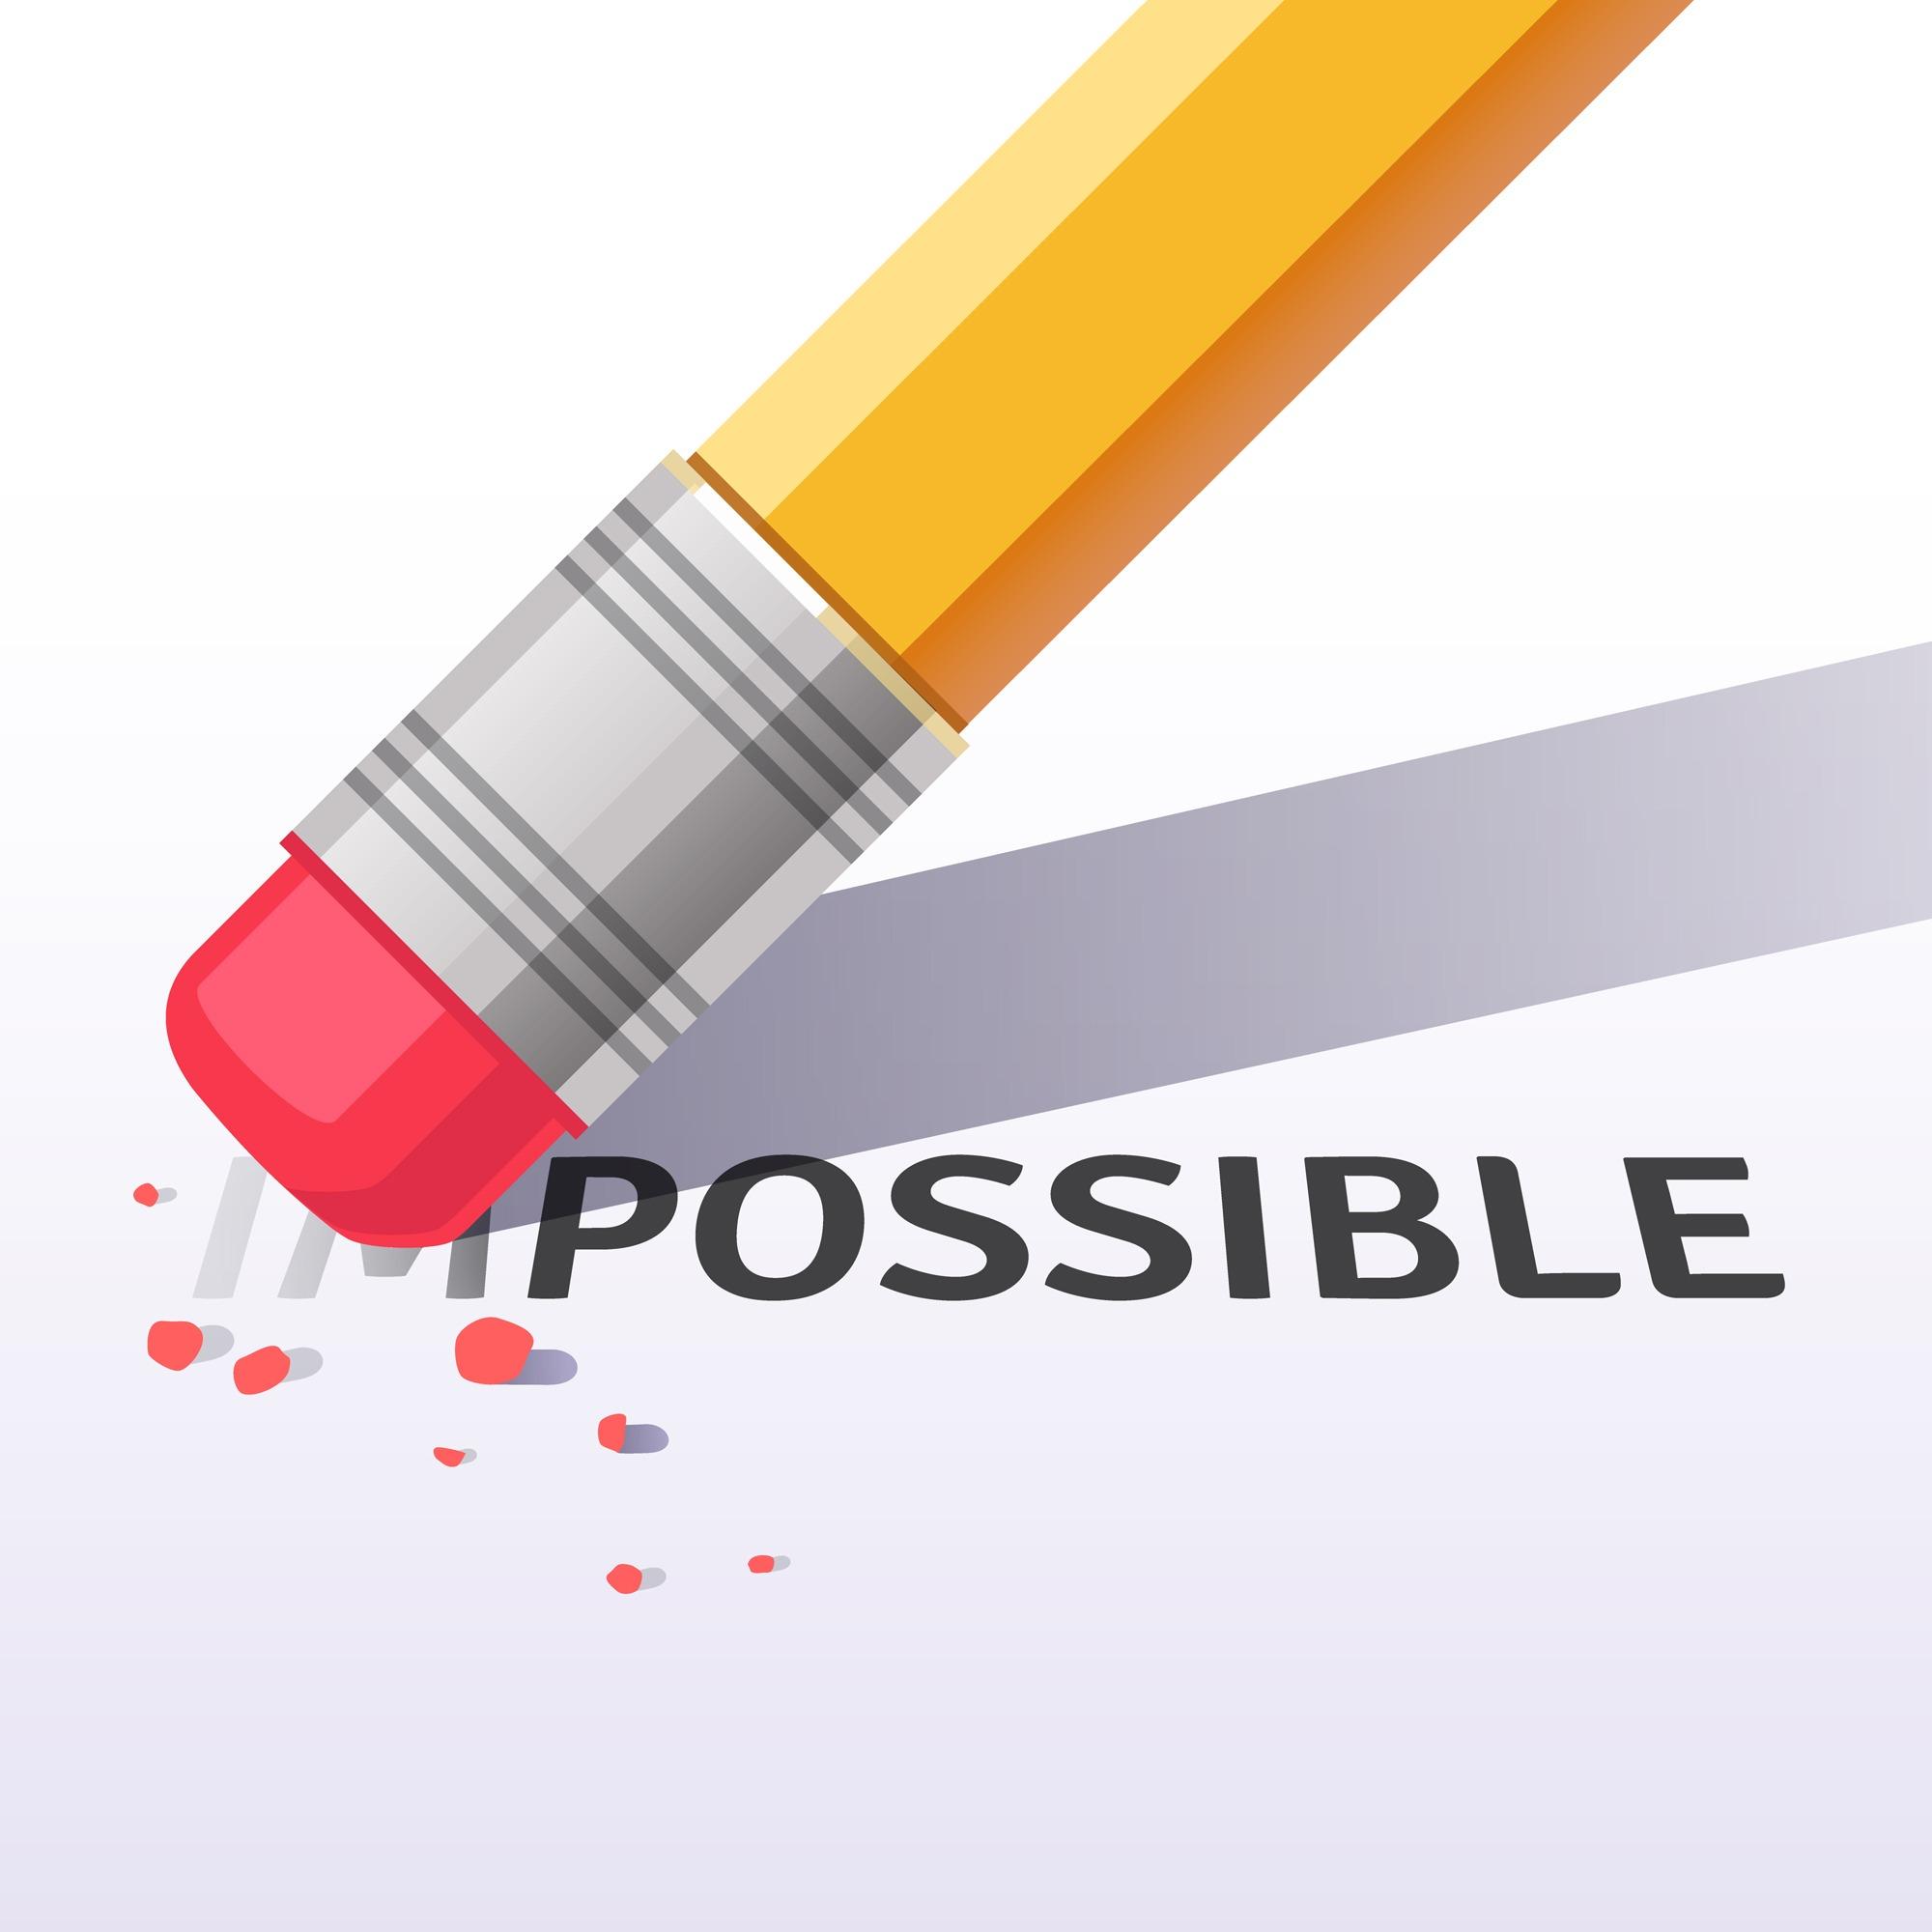 <a href='https://www.freepik.es/vector-gratis/cambio-de-palabra-imposible-de-ser-posible-con-el-borrador_1311249.htm'>Vector de Negocios creado por iconicbestiary</a>